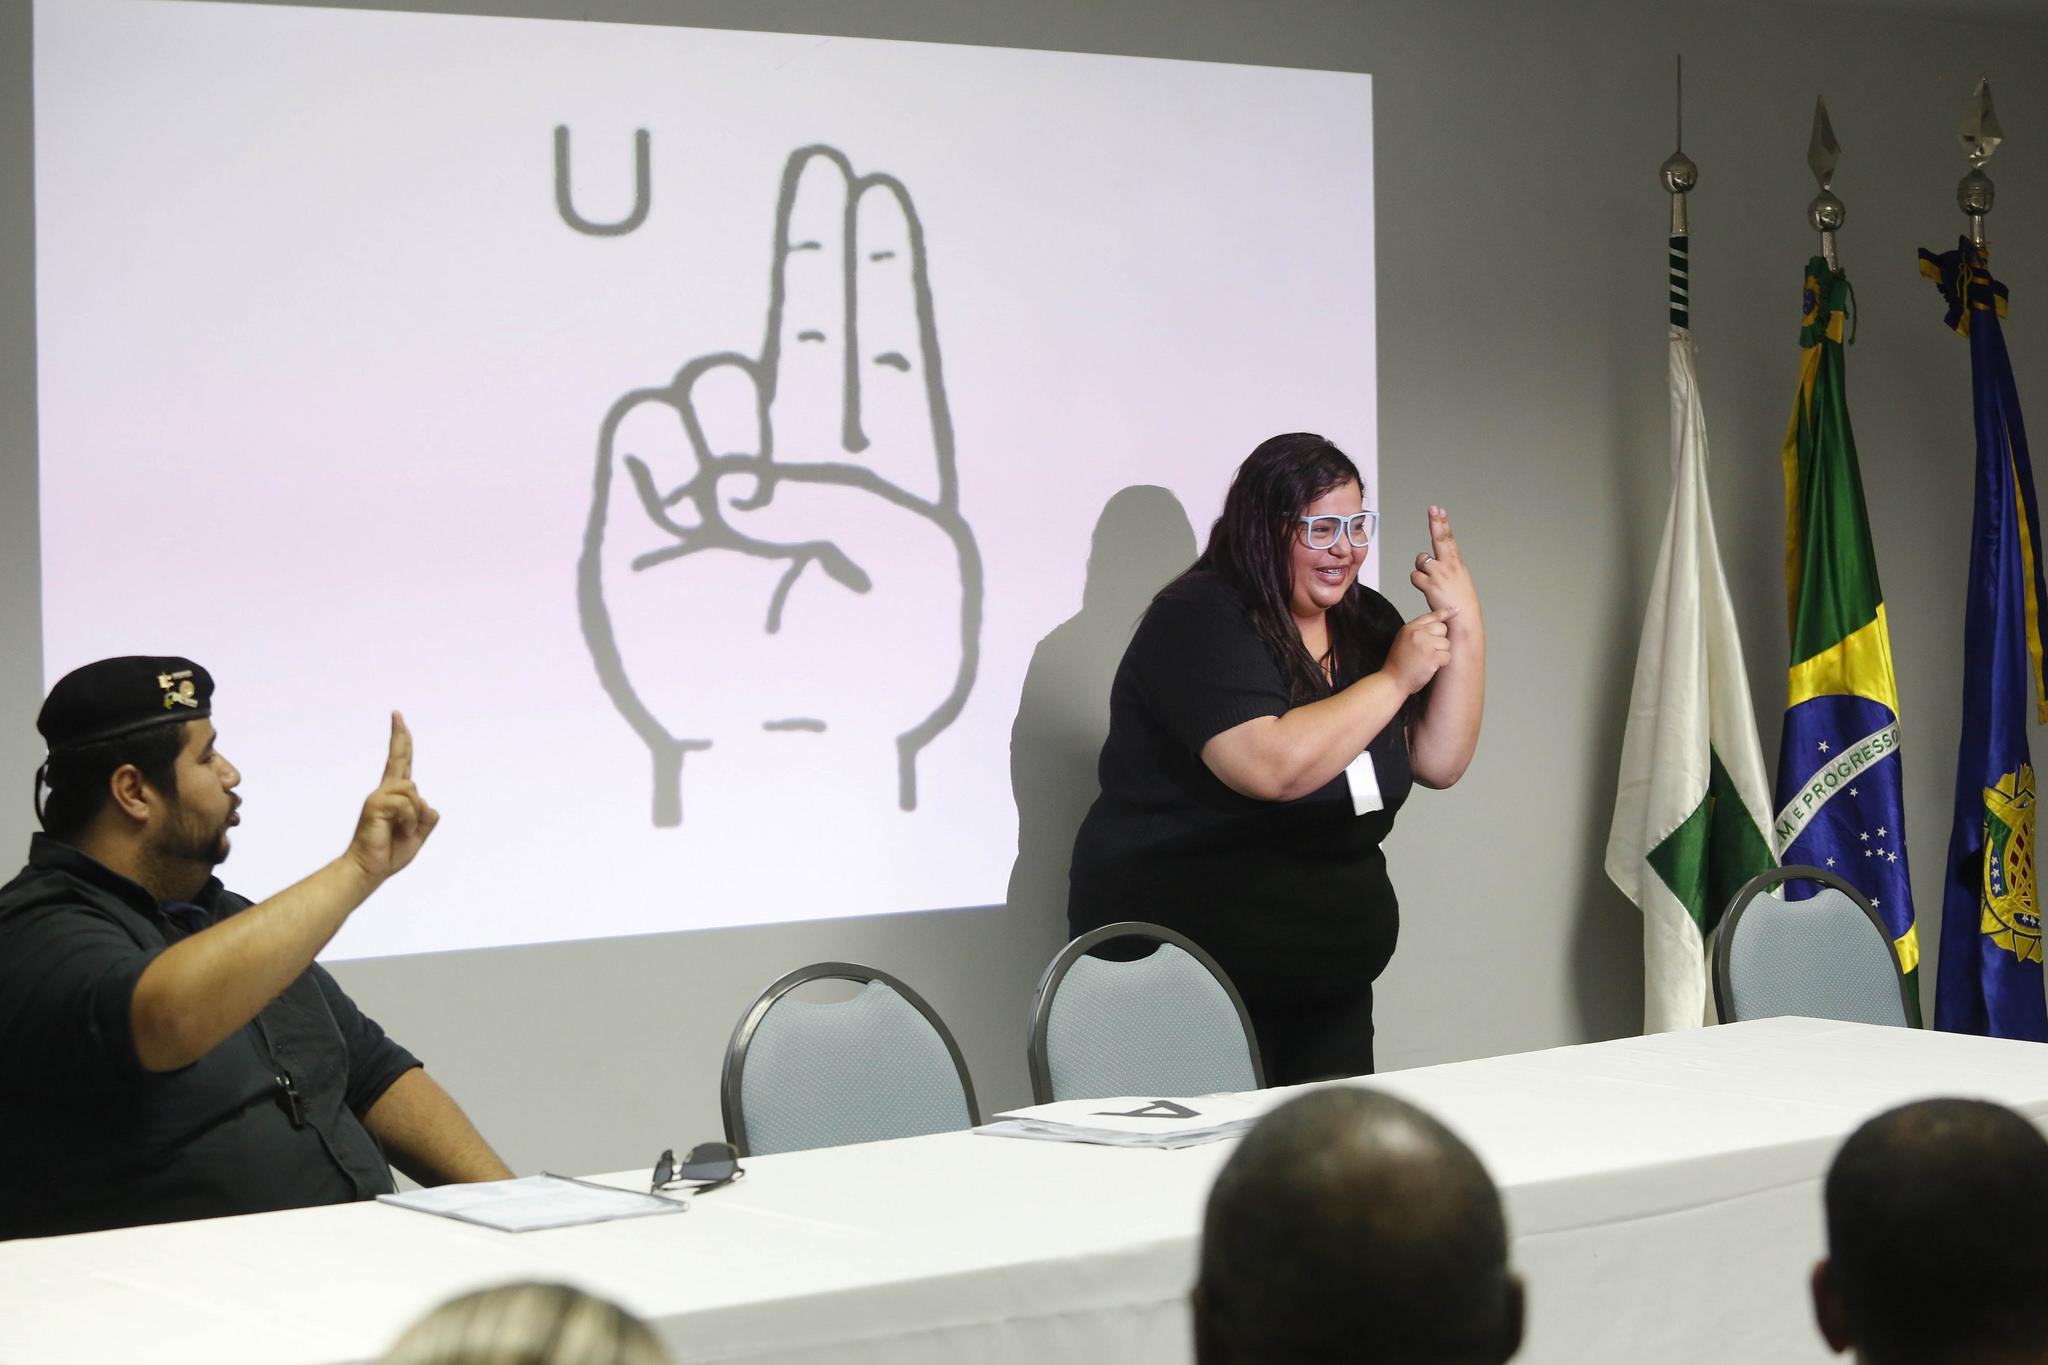 Direitos Humanos - deficiente - curso Libras deficientes auditivos surdos